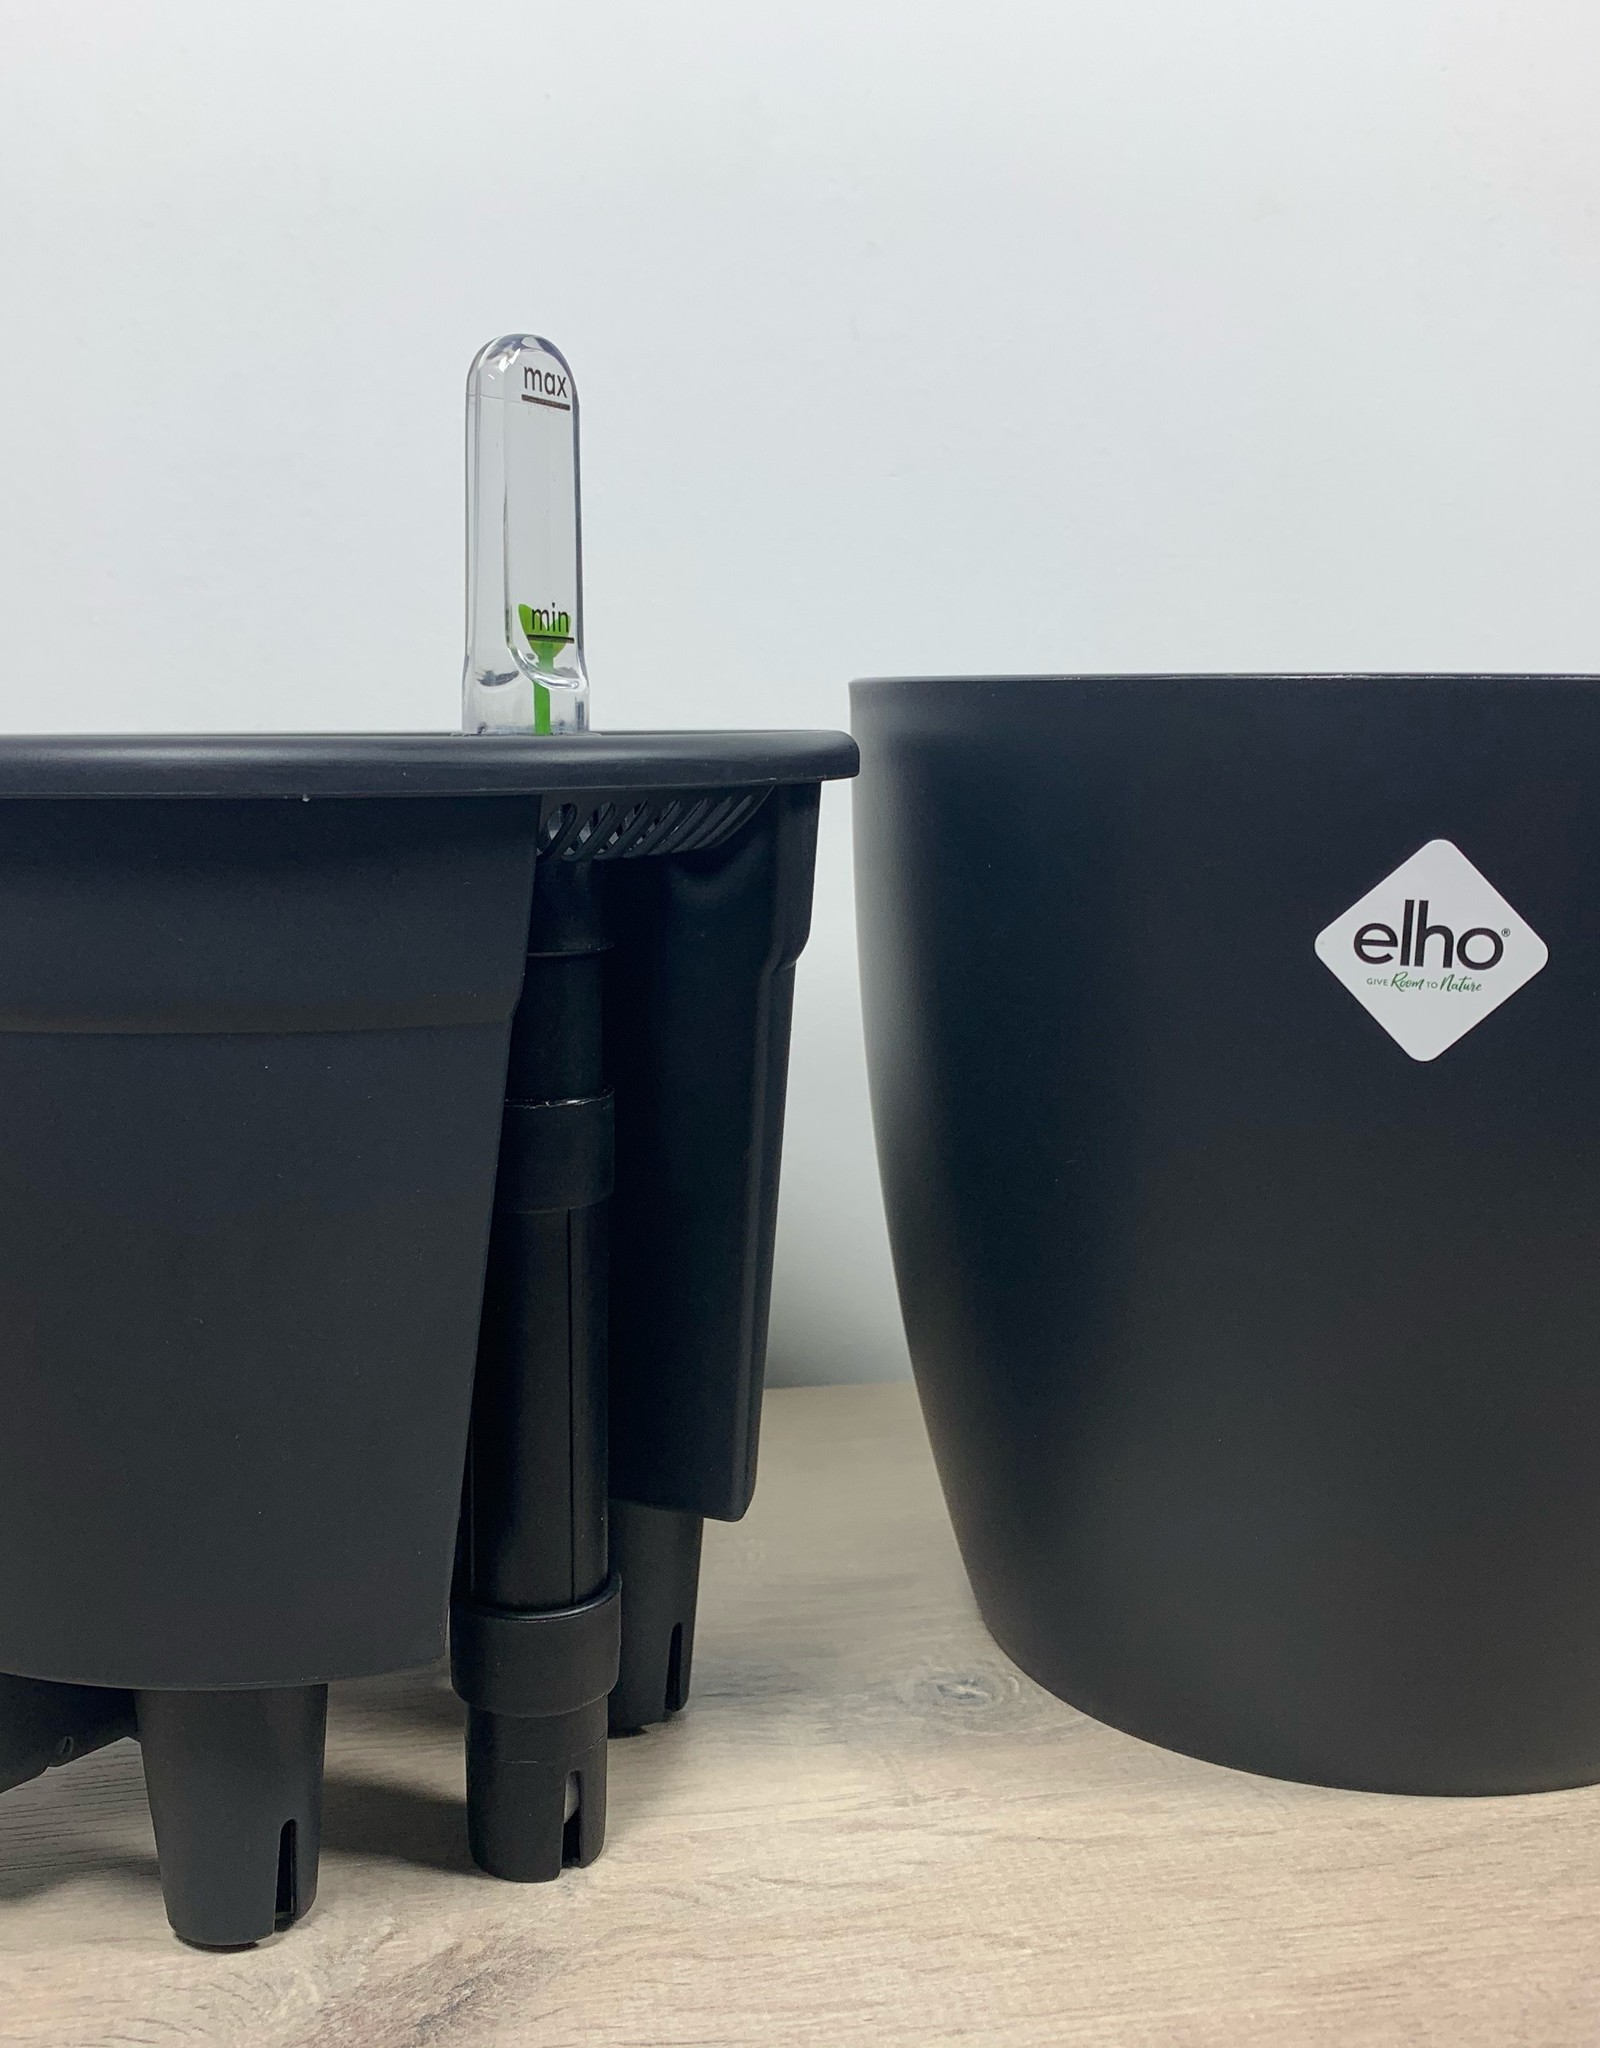 Elho Zelf water gevende pot set (Zwart)